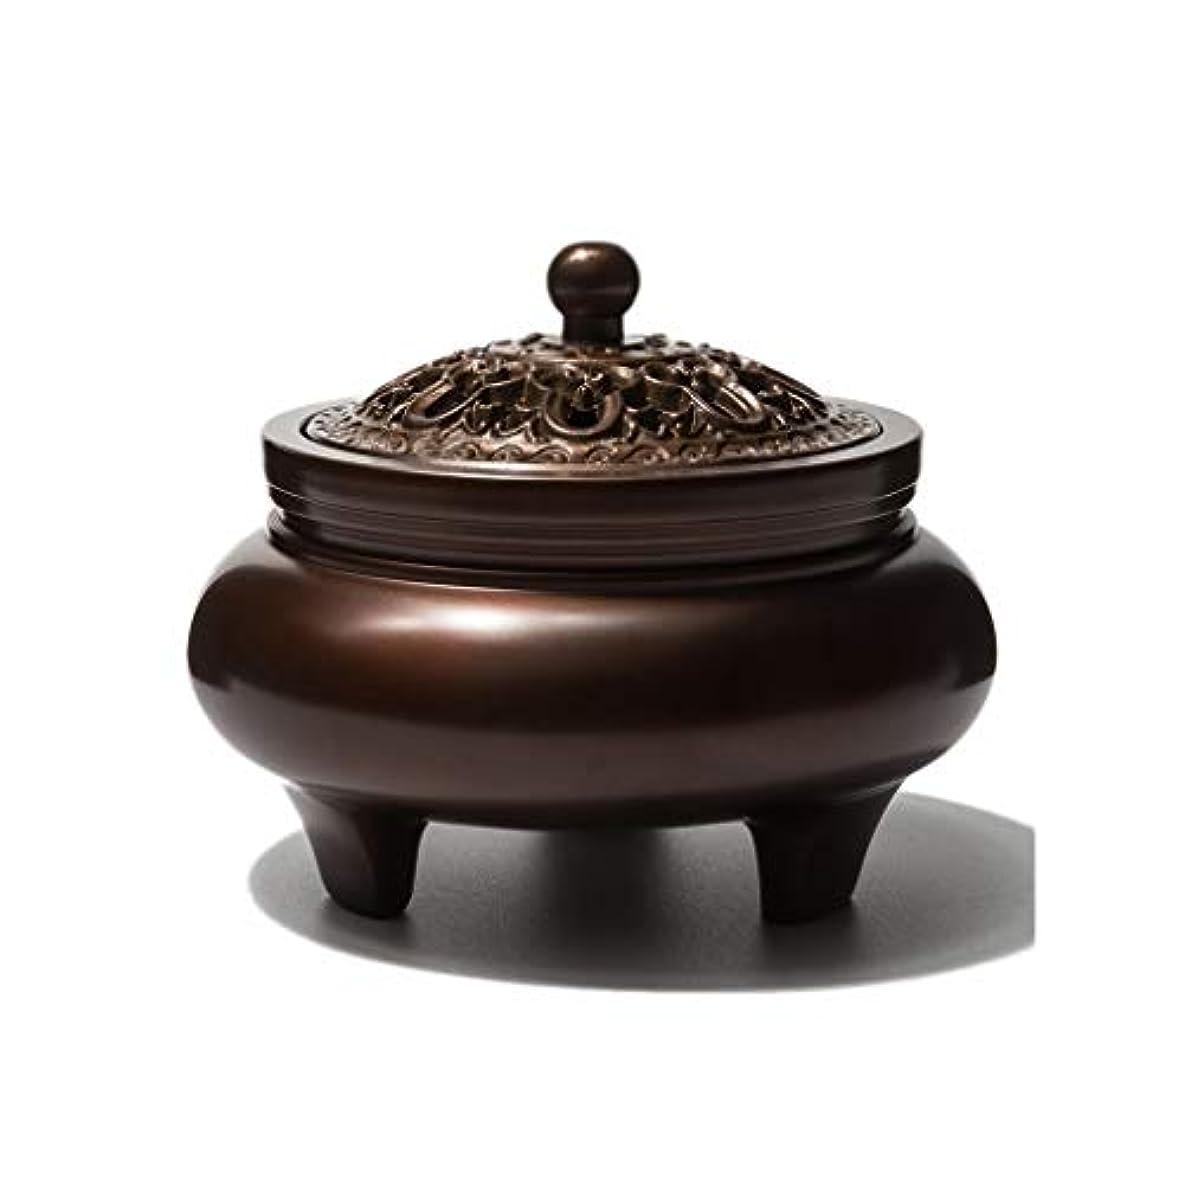 ワードローブ姉妹石鹸ホームアロマバーナー 銅香バーナーアロマテラピーホルダー純粋な銅茶道白檀炉屋内香バーナーレトロノスタルジア11.5センチ* 7.8センチ* 9センチ アロマバーナー